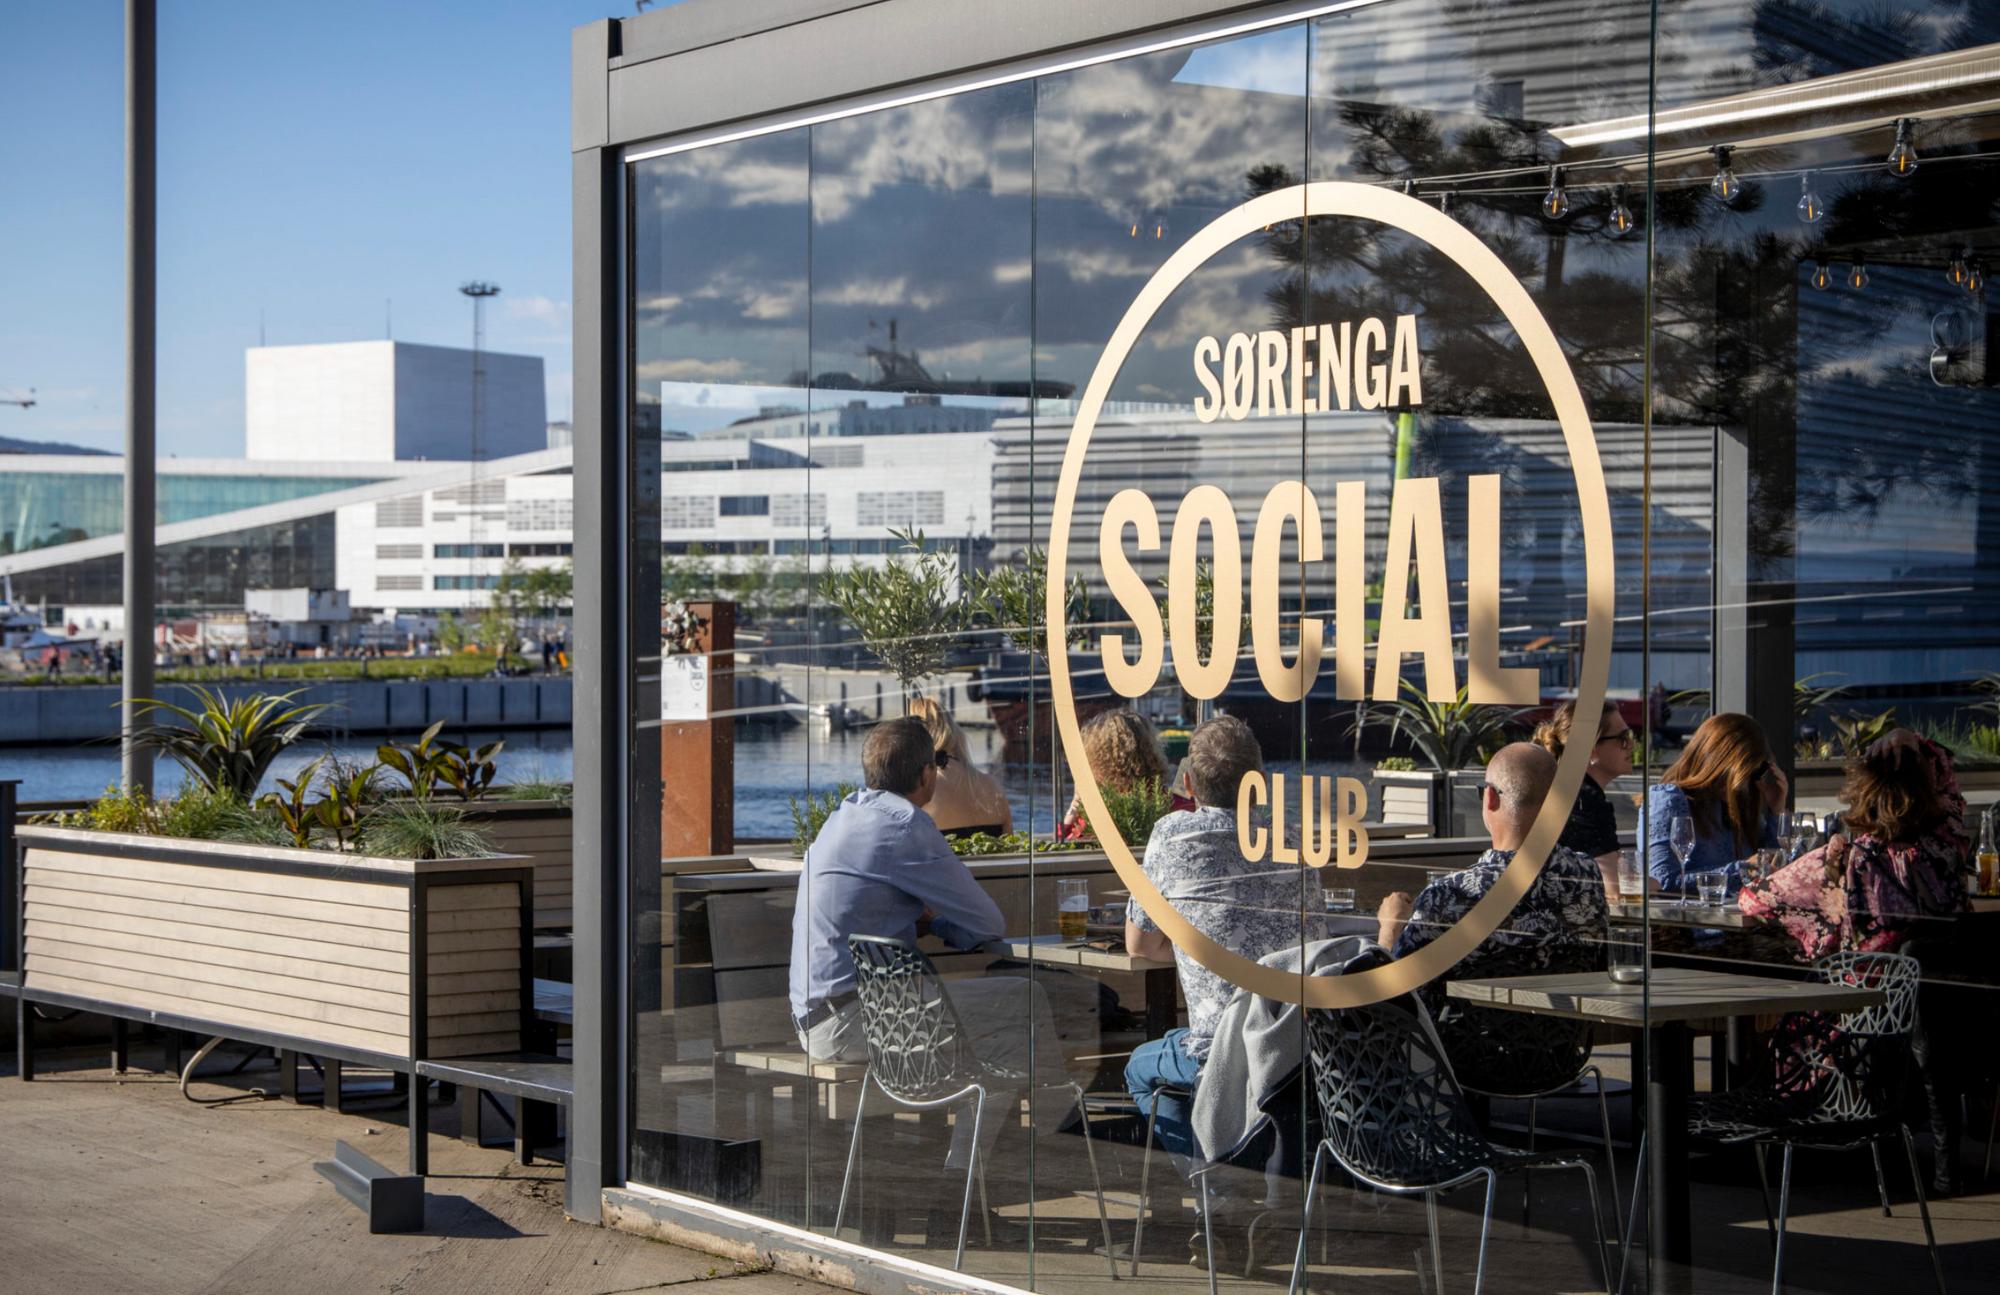 Sørenga Social Club